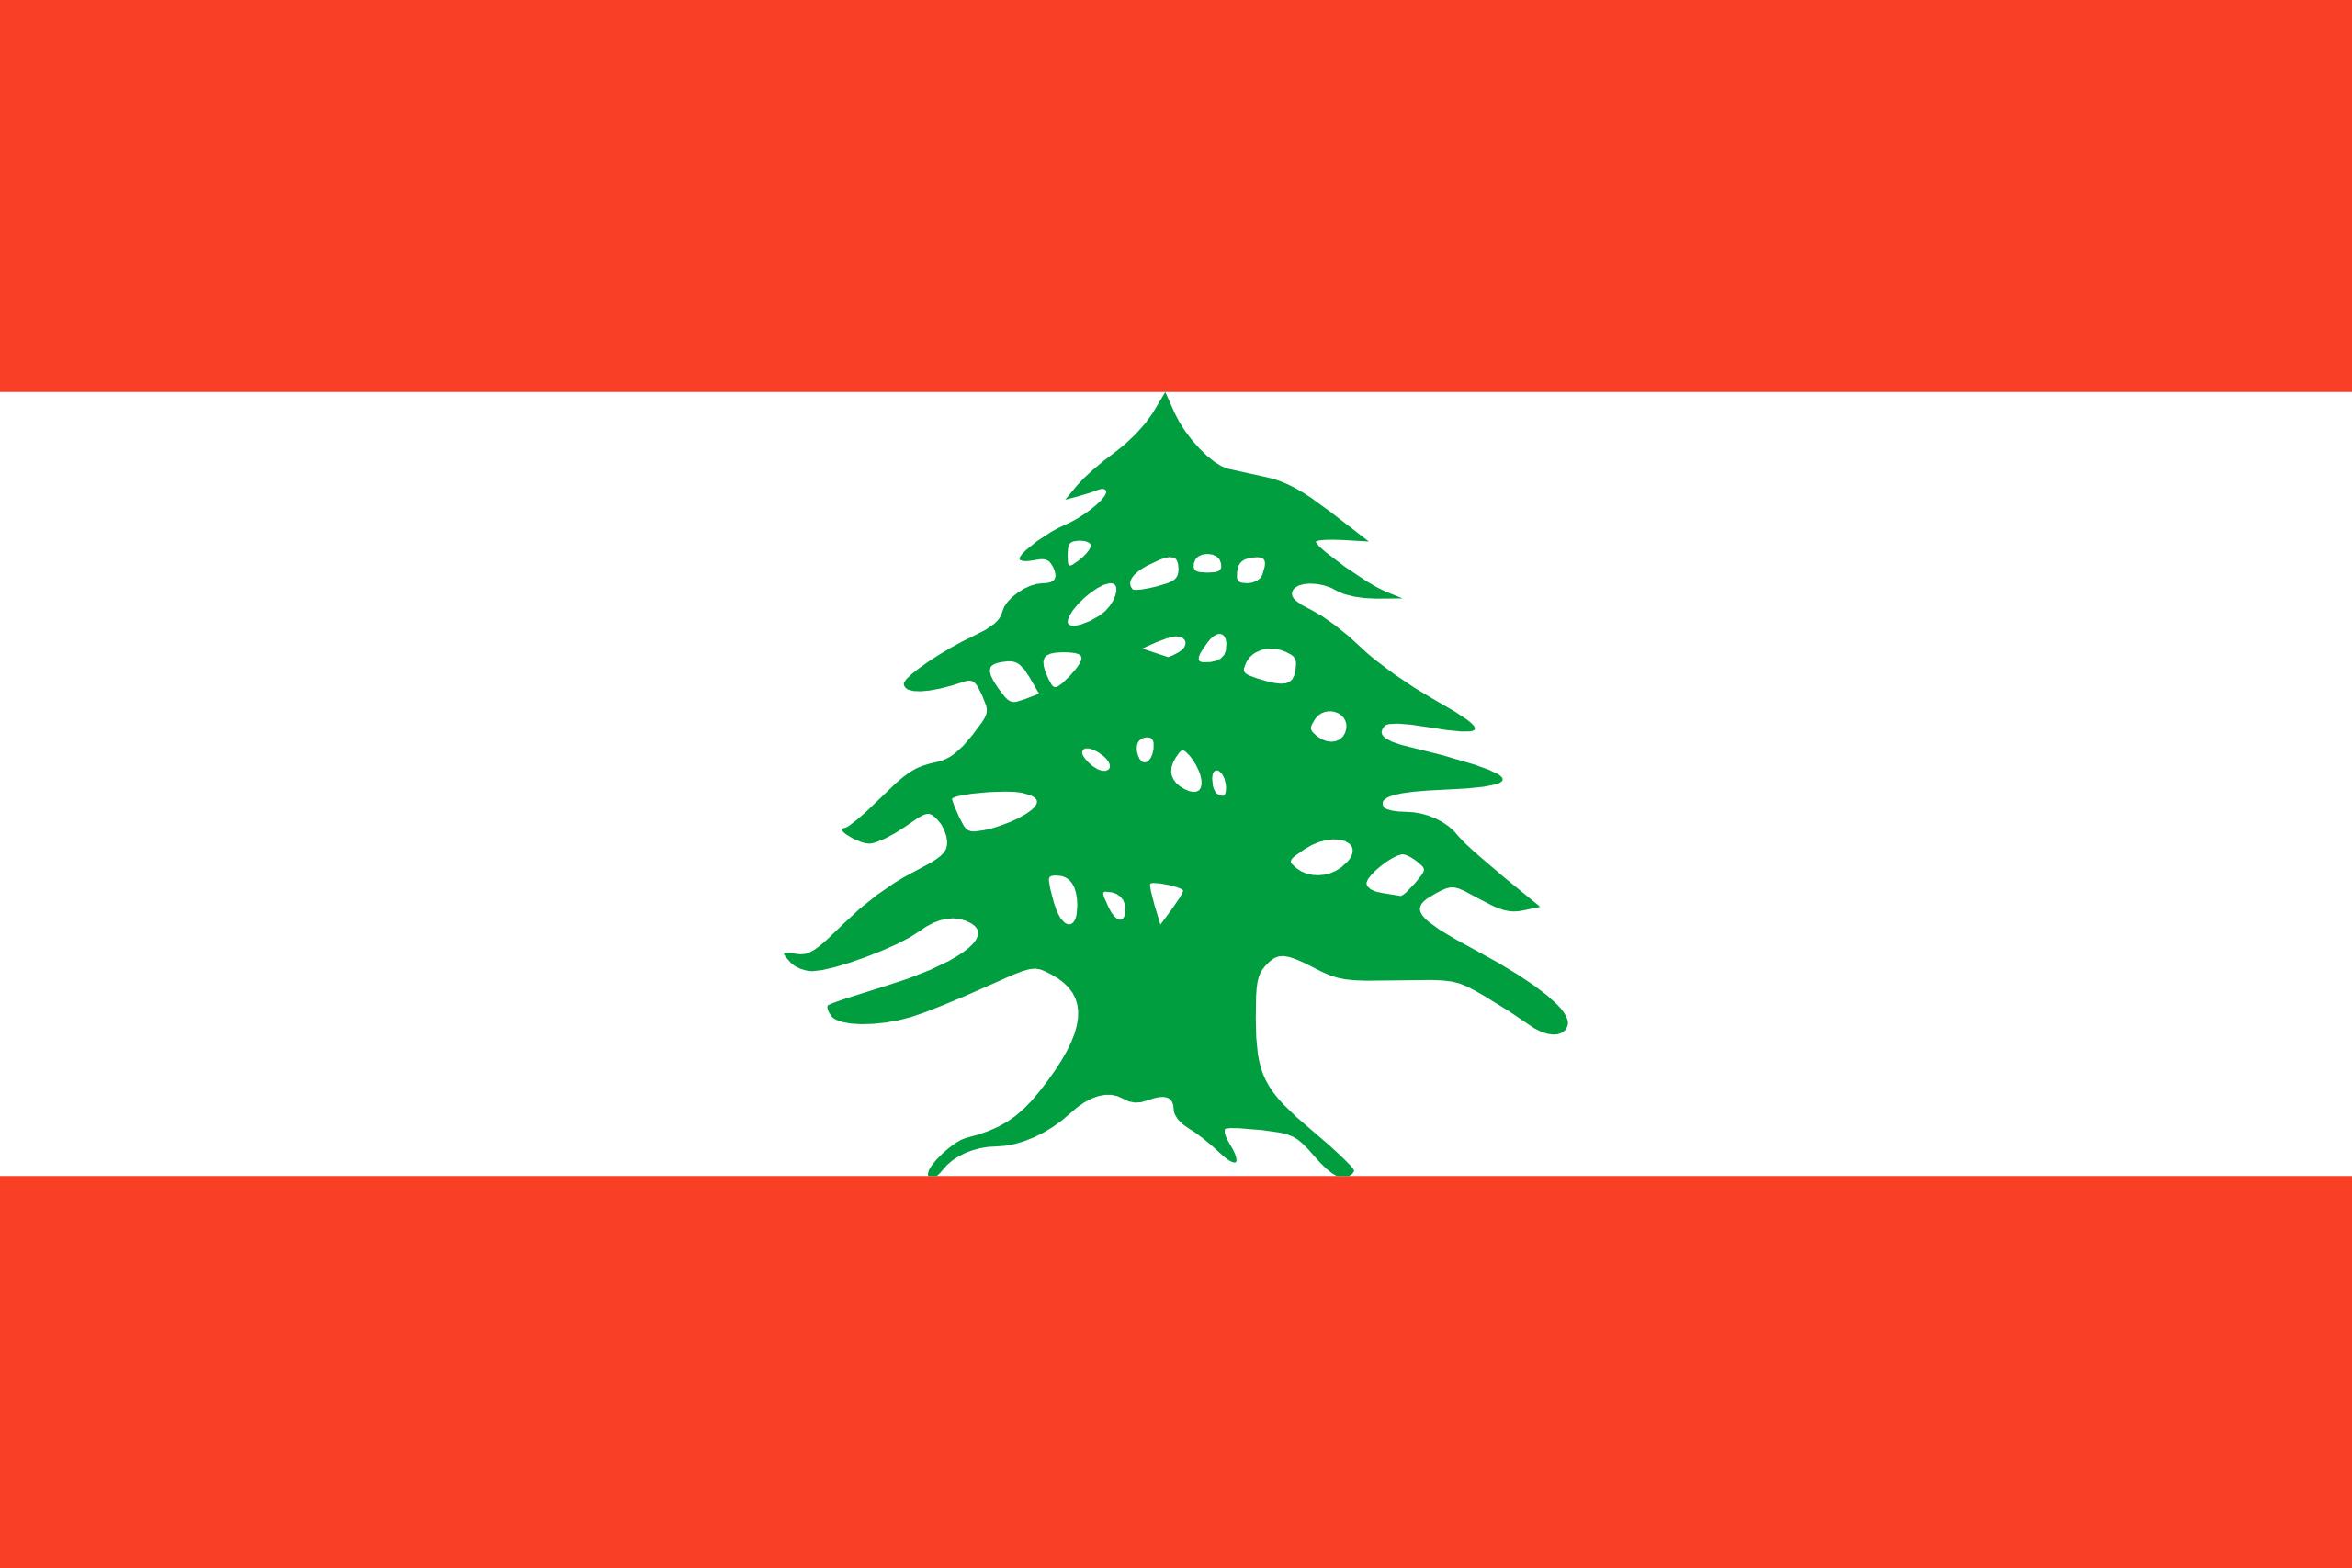 líbano, البلد, emblema, شعار, الرمز - خلفيات عالية الدقة - أستاذ falken.com